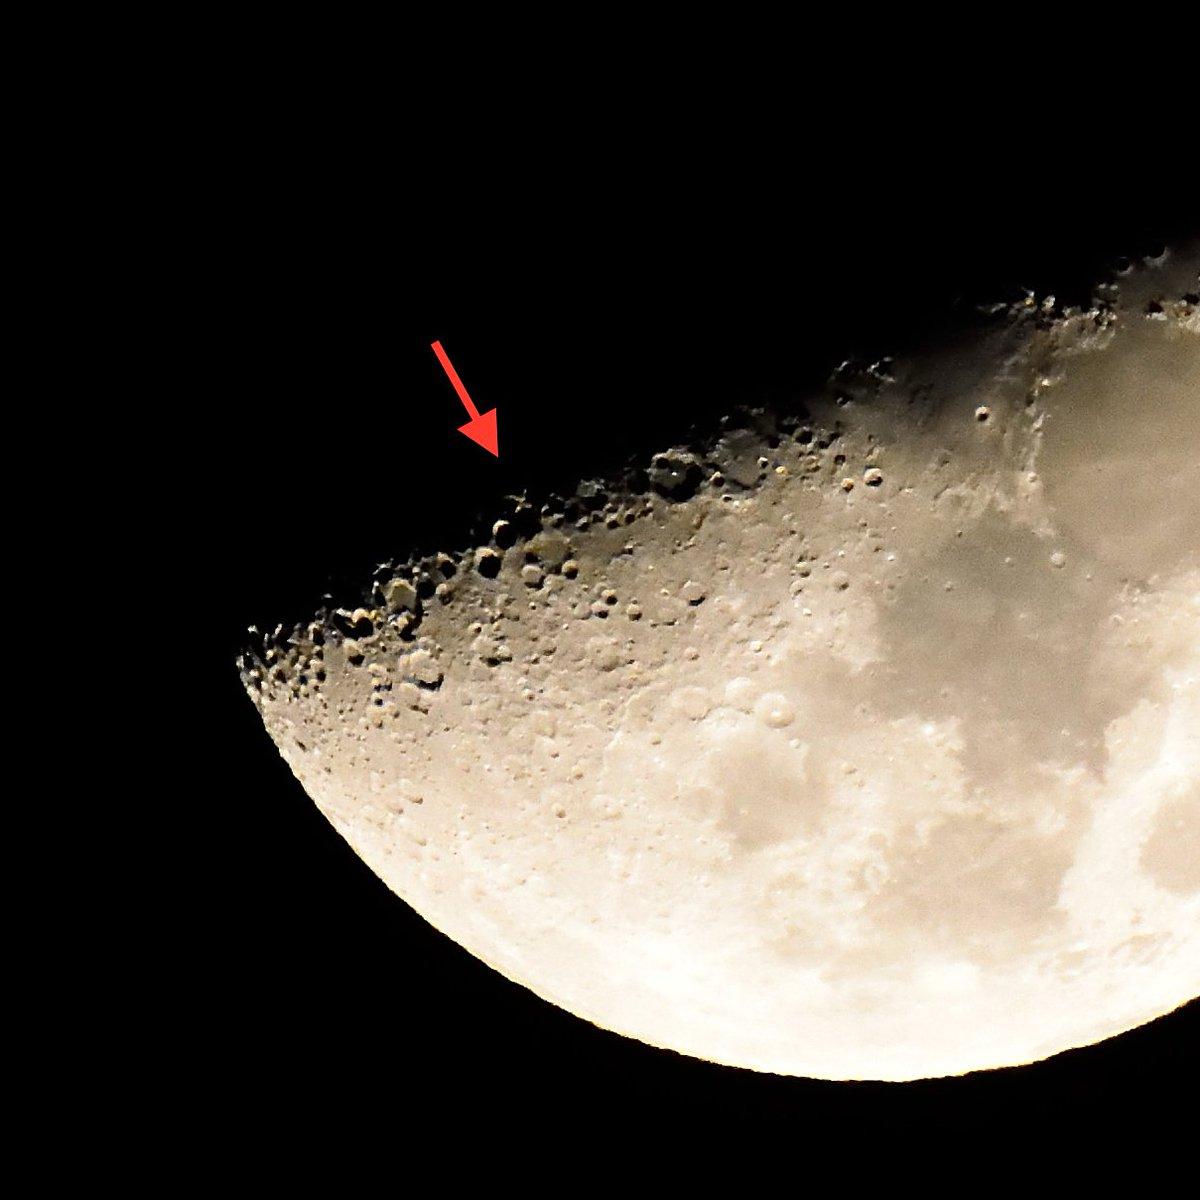 今撮ってきた「月面X」 赤い矢印の所にXの文字が。 時々見られる現象です。 https://t.co/G1yTrk1zlp